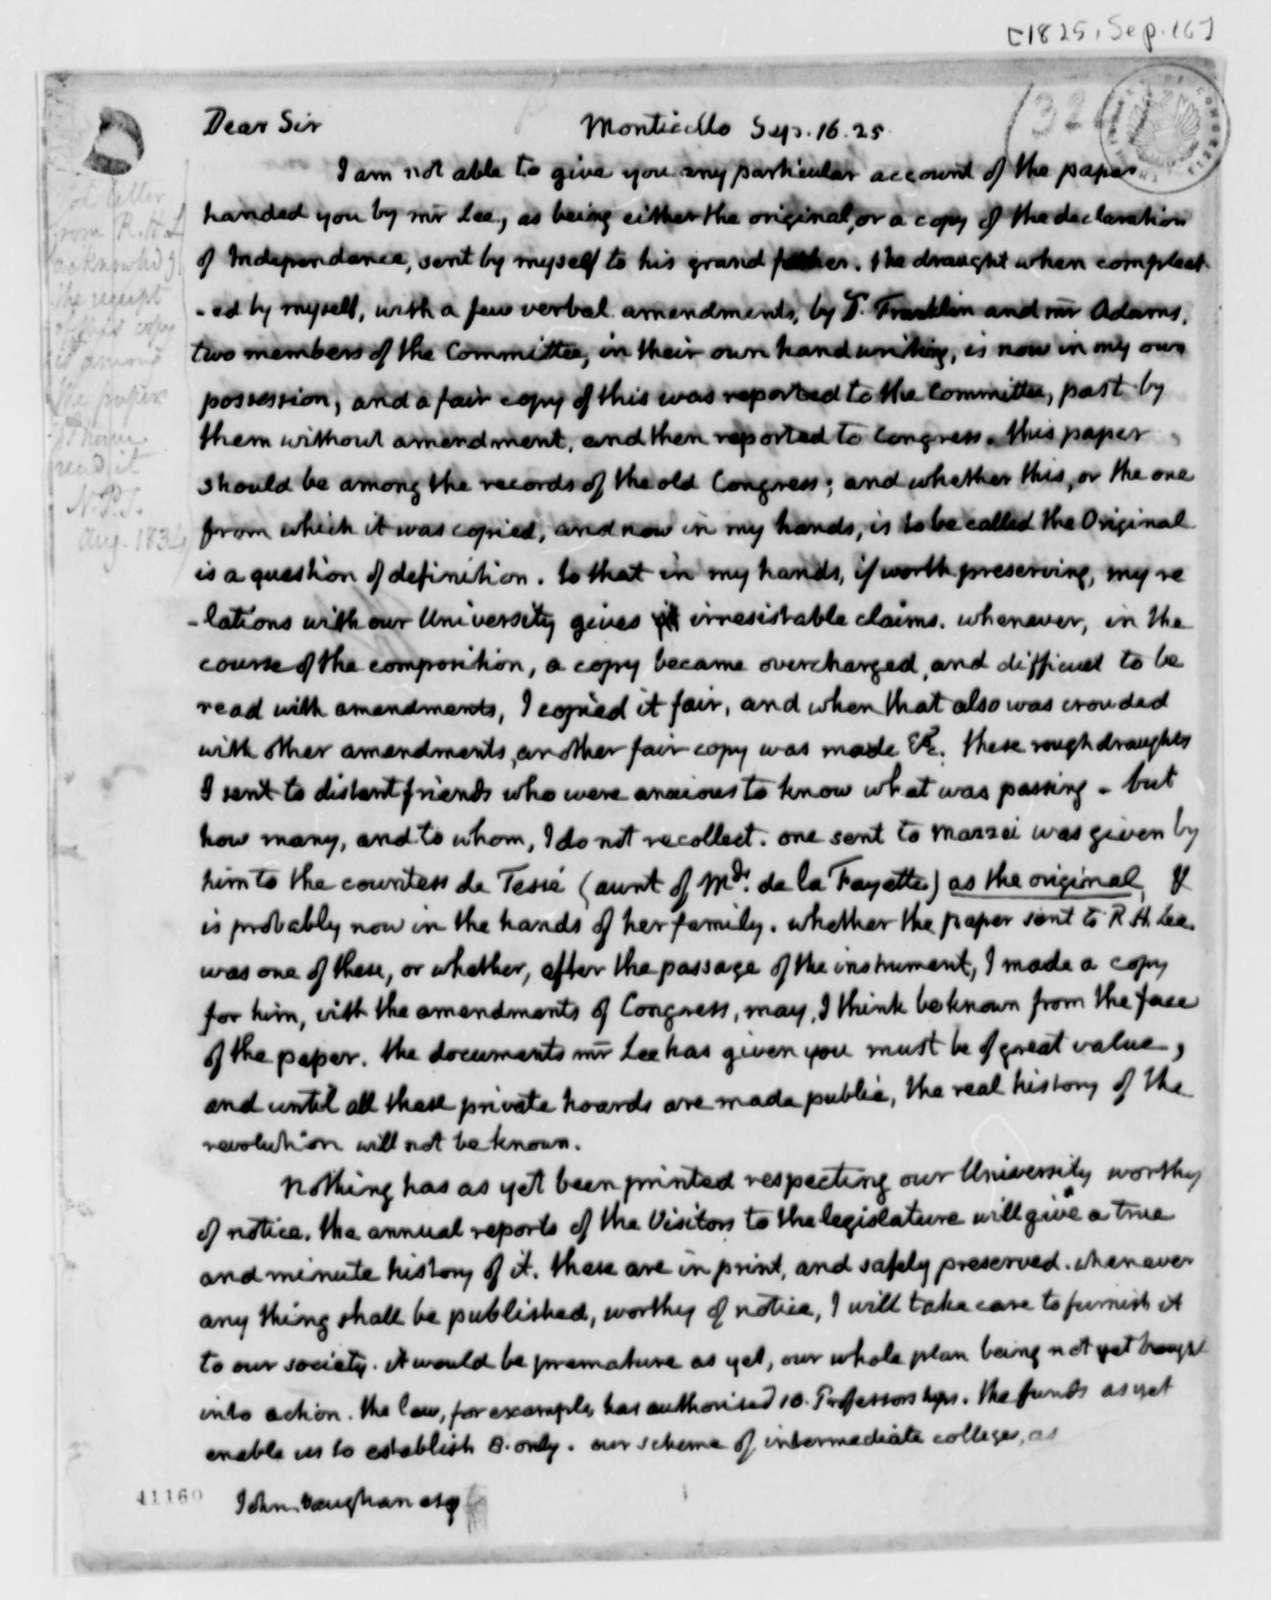 Thomas Jefferson to John Vaughan, September 16, 1825